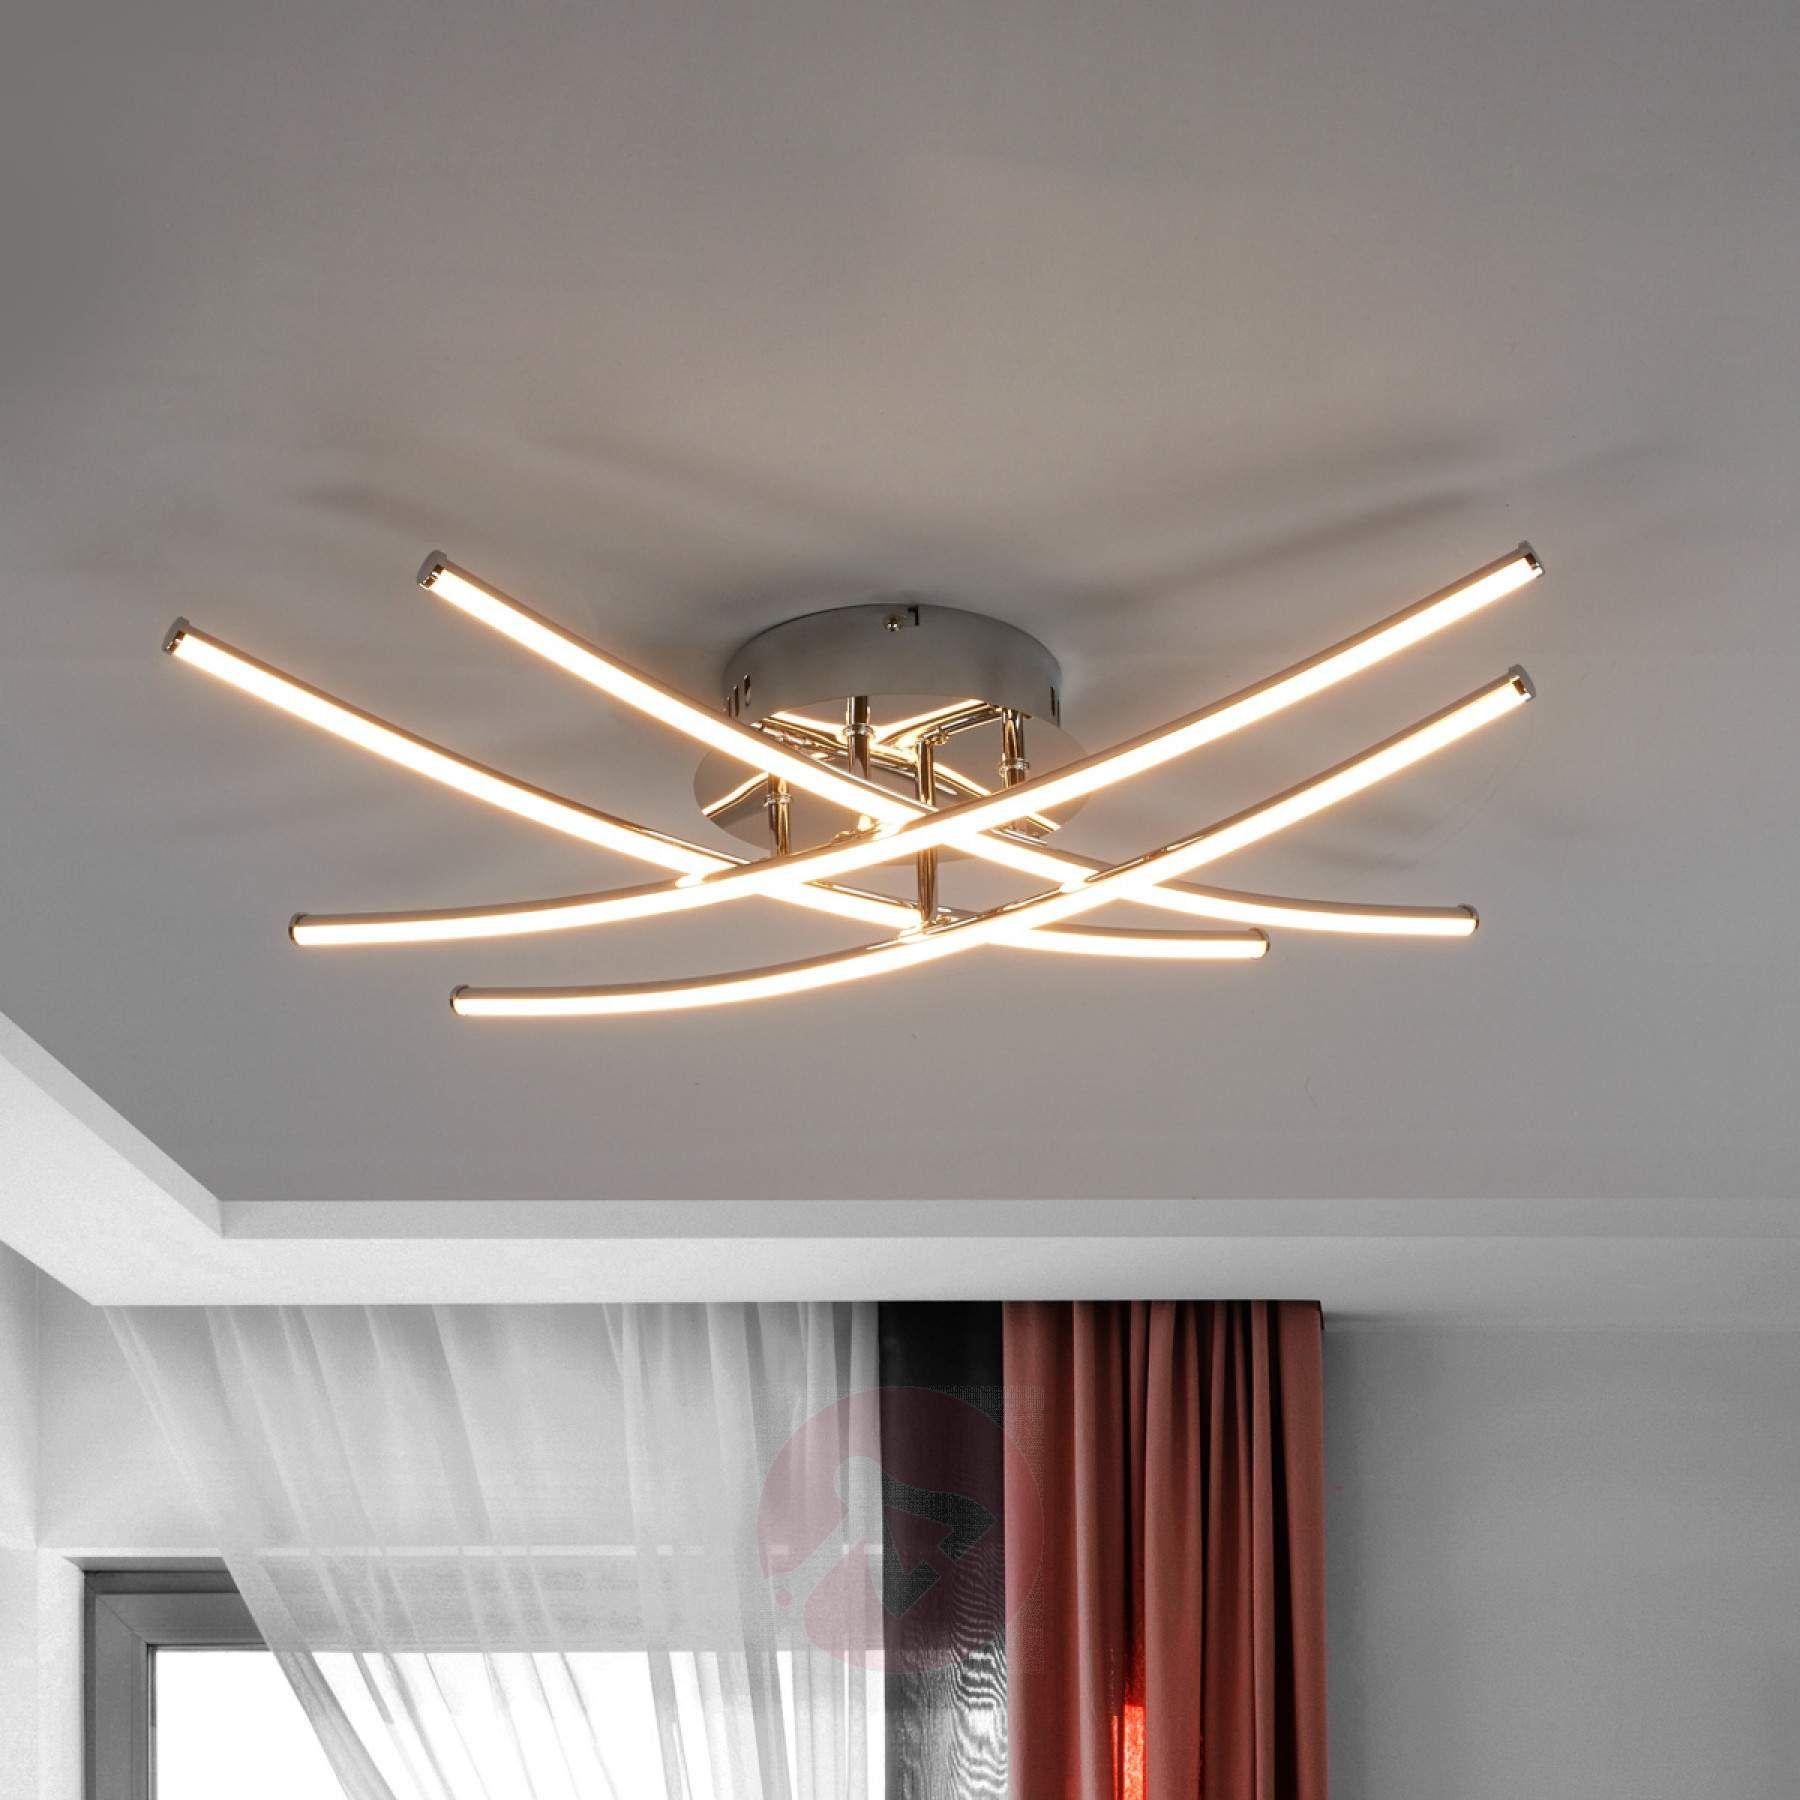 Full Size of Küchen Deckenlampe 20 Deckenleuchte Kche Led Frisch Wohnzimmer Esstisch Küche Schlafzimmer Deckenlampen Modern Für Regal Bad Wohnzimmer Küchen Deckenlampe